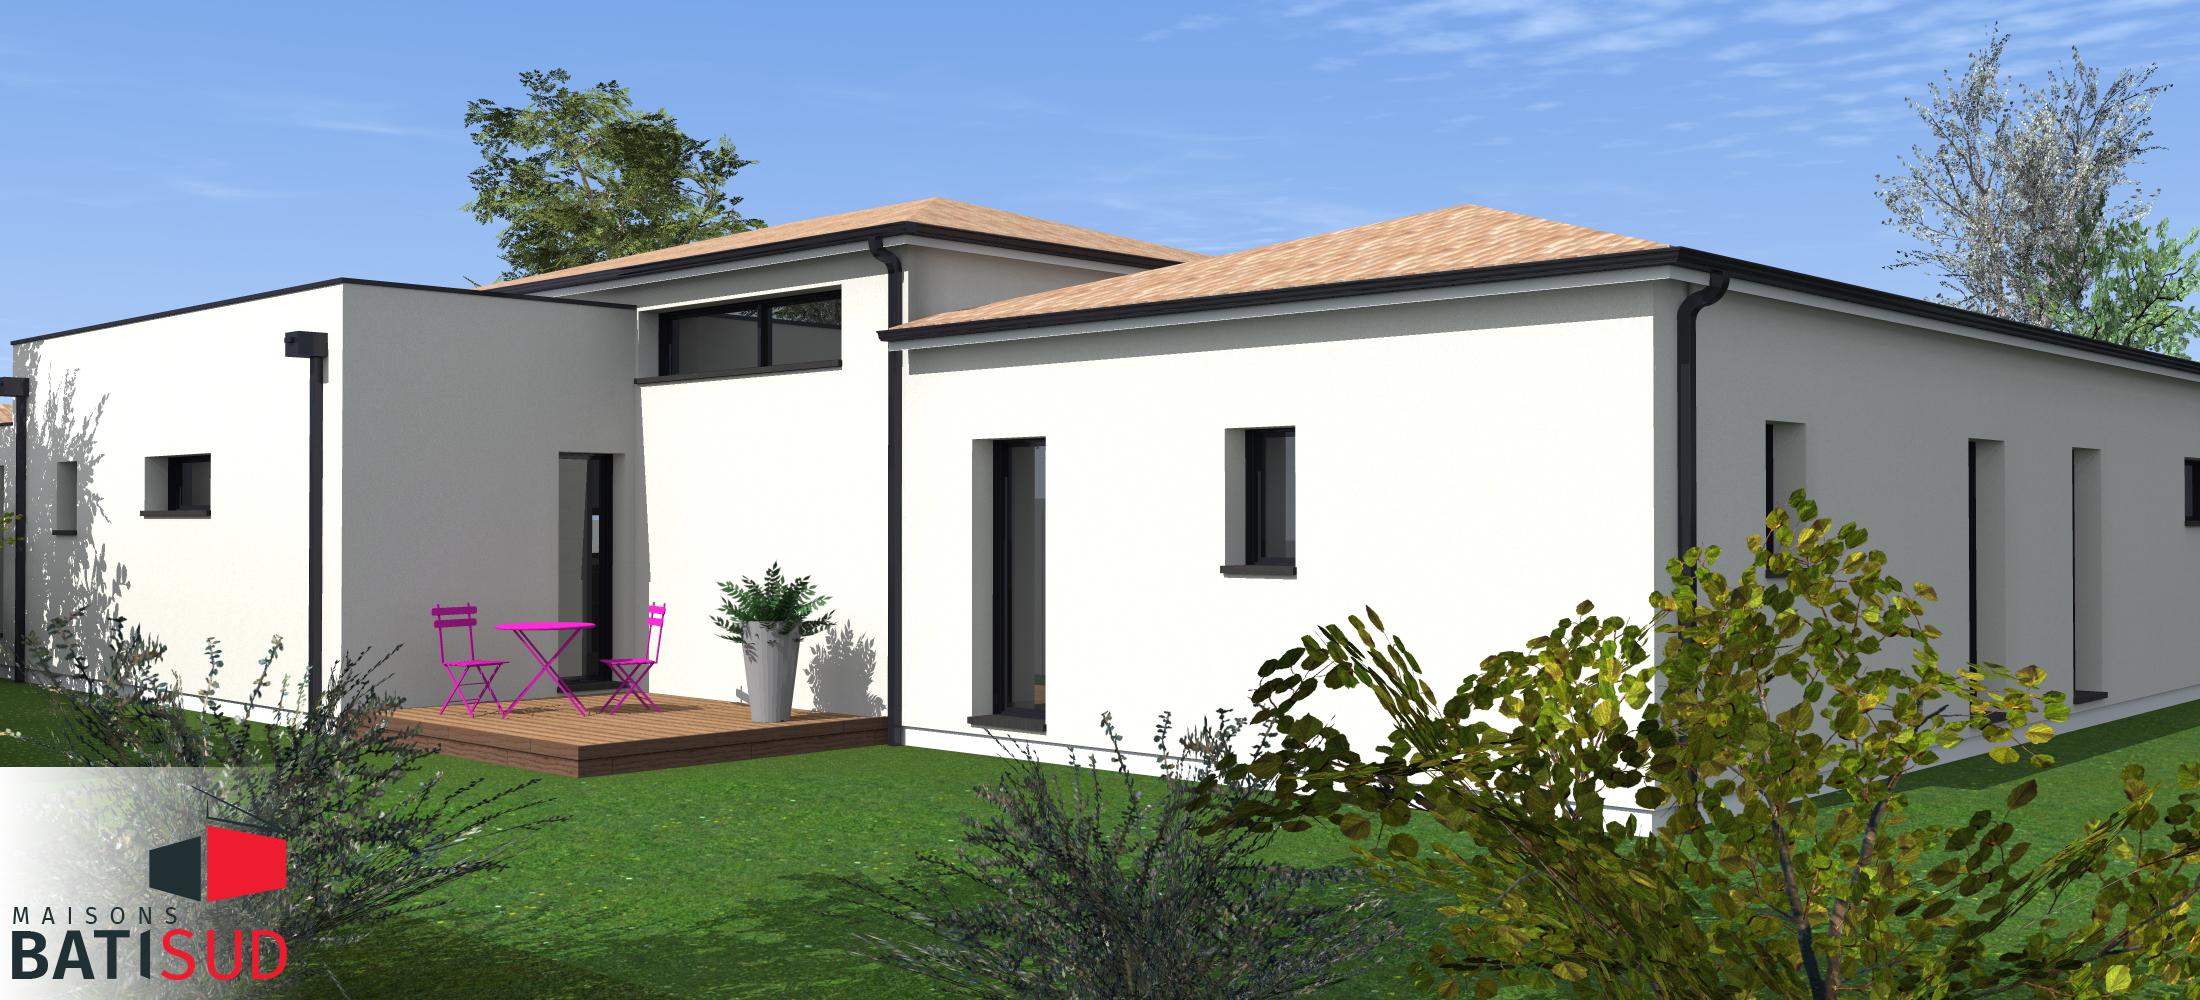 Maisons Bati Sud : Très belle maison moderne avec solarium et terrasse couverte. 2